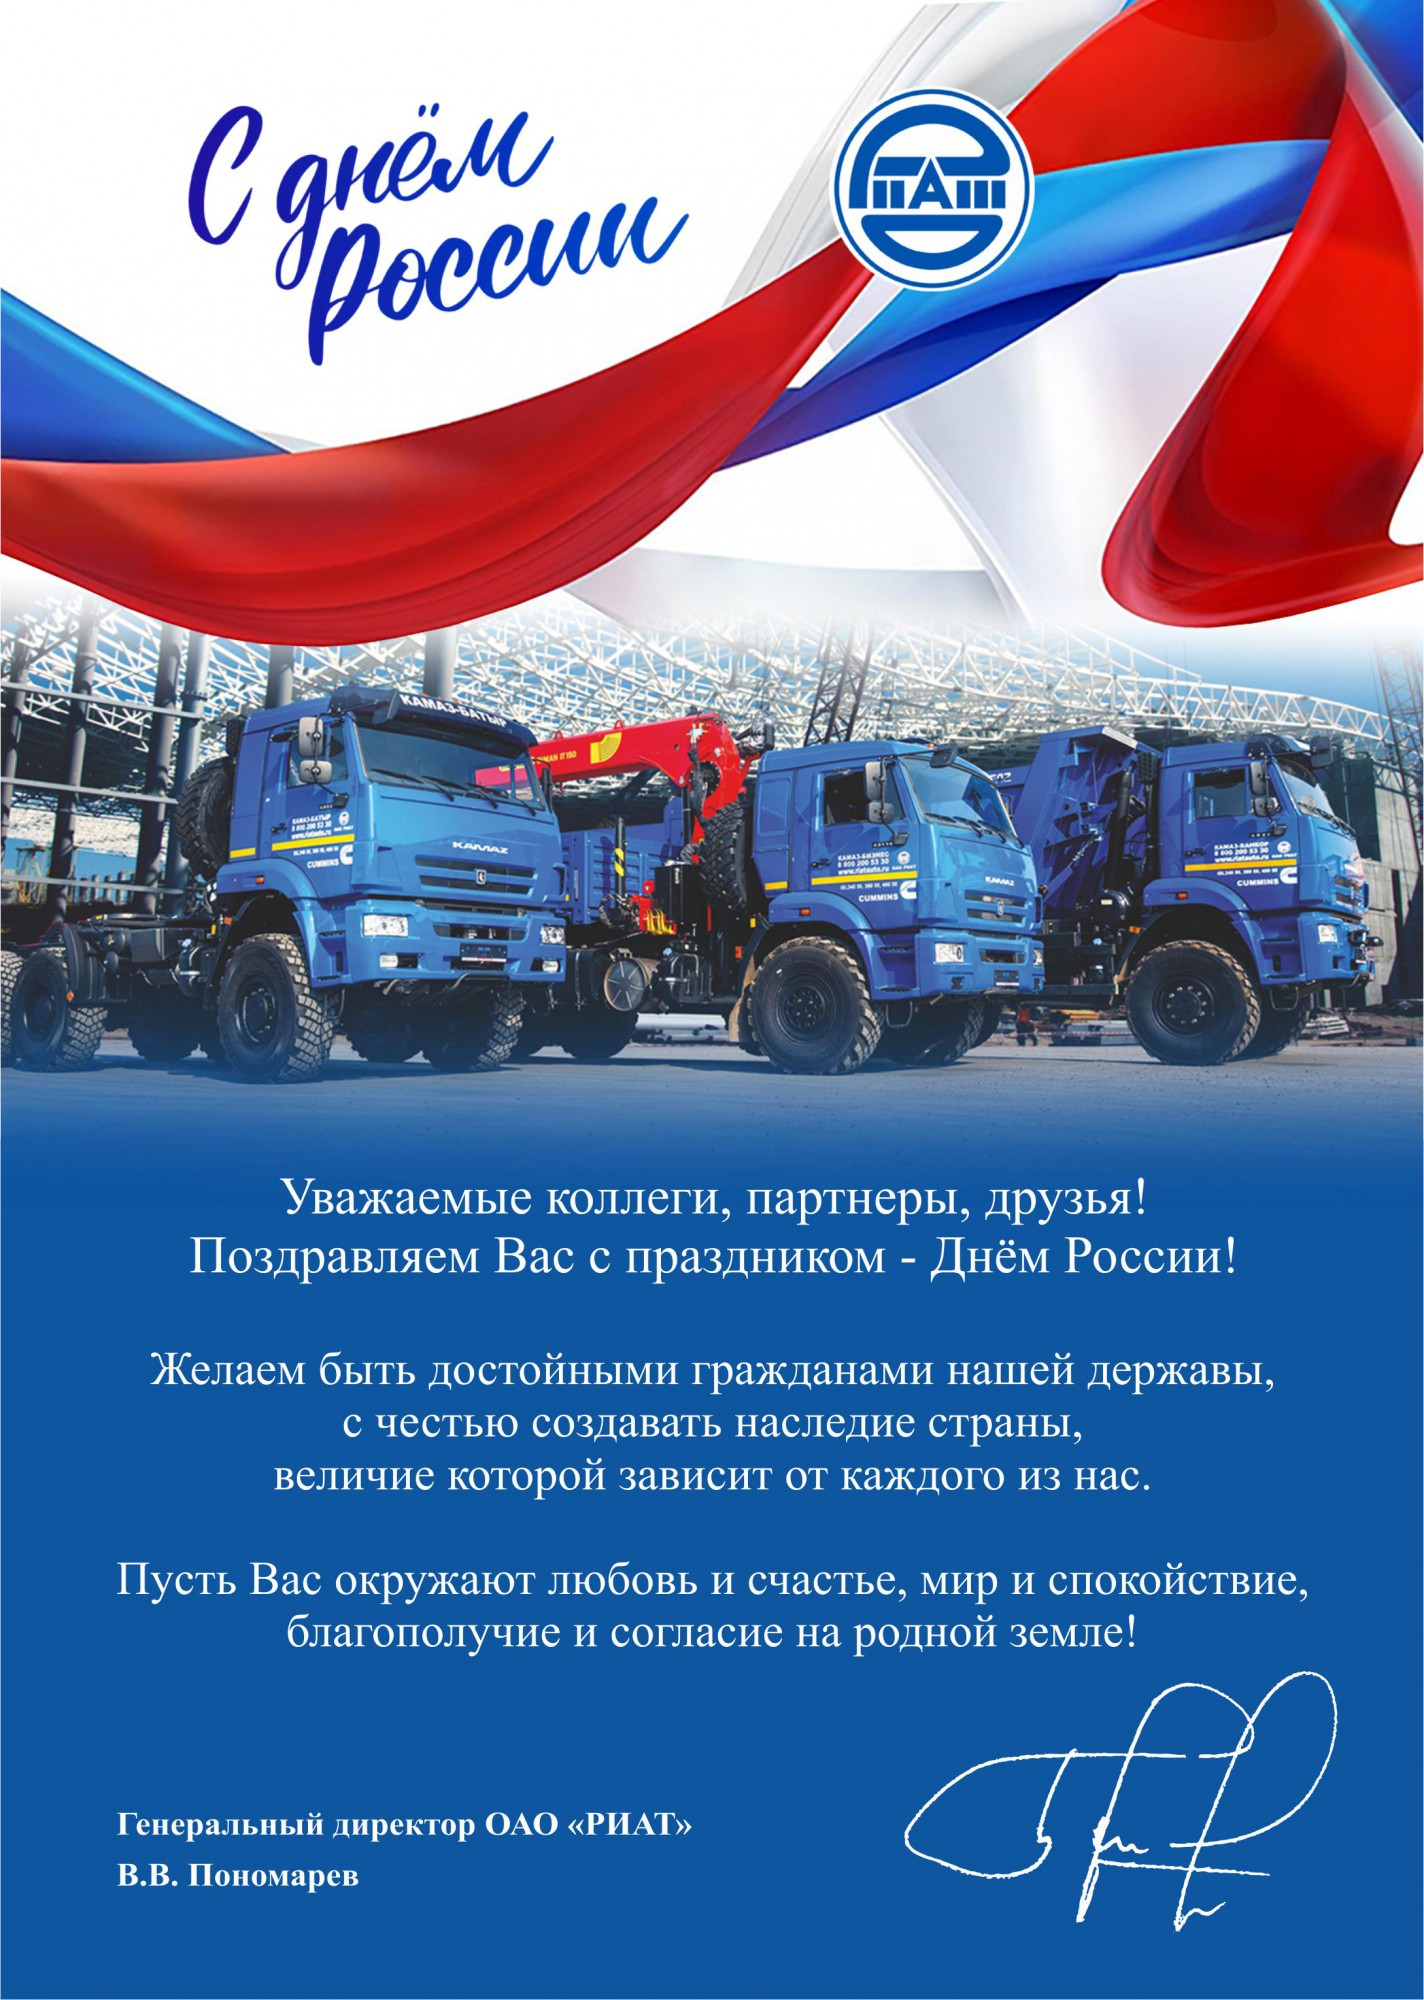 C Днём России